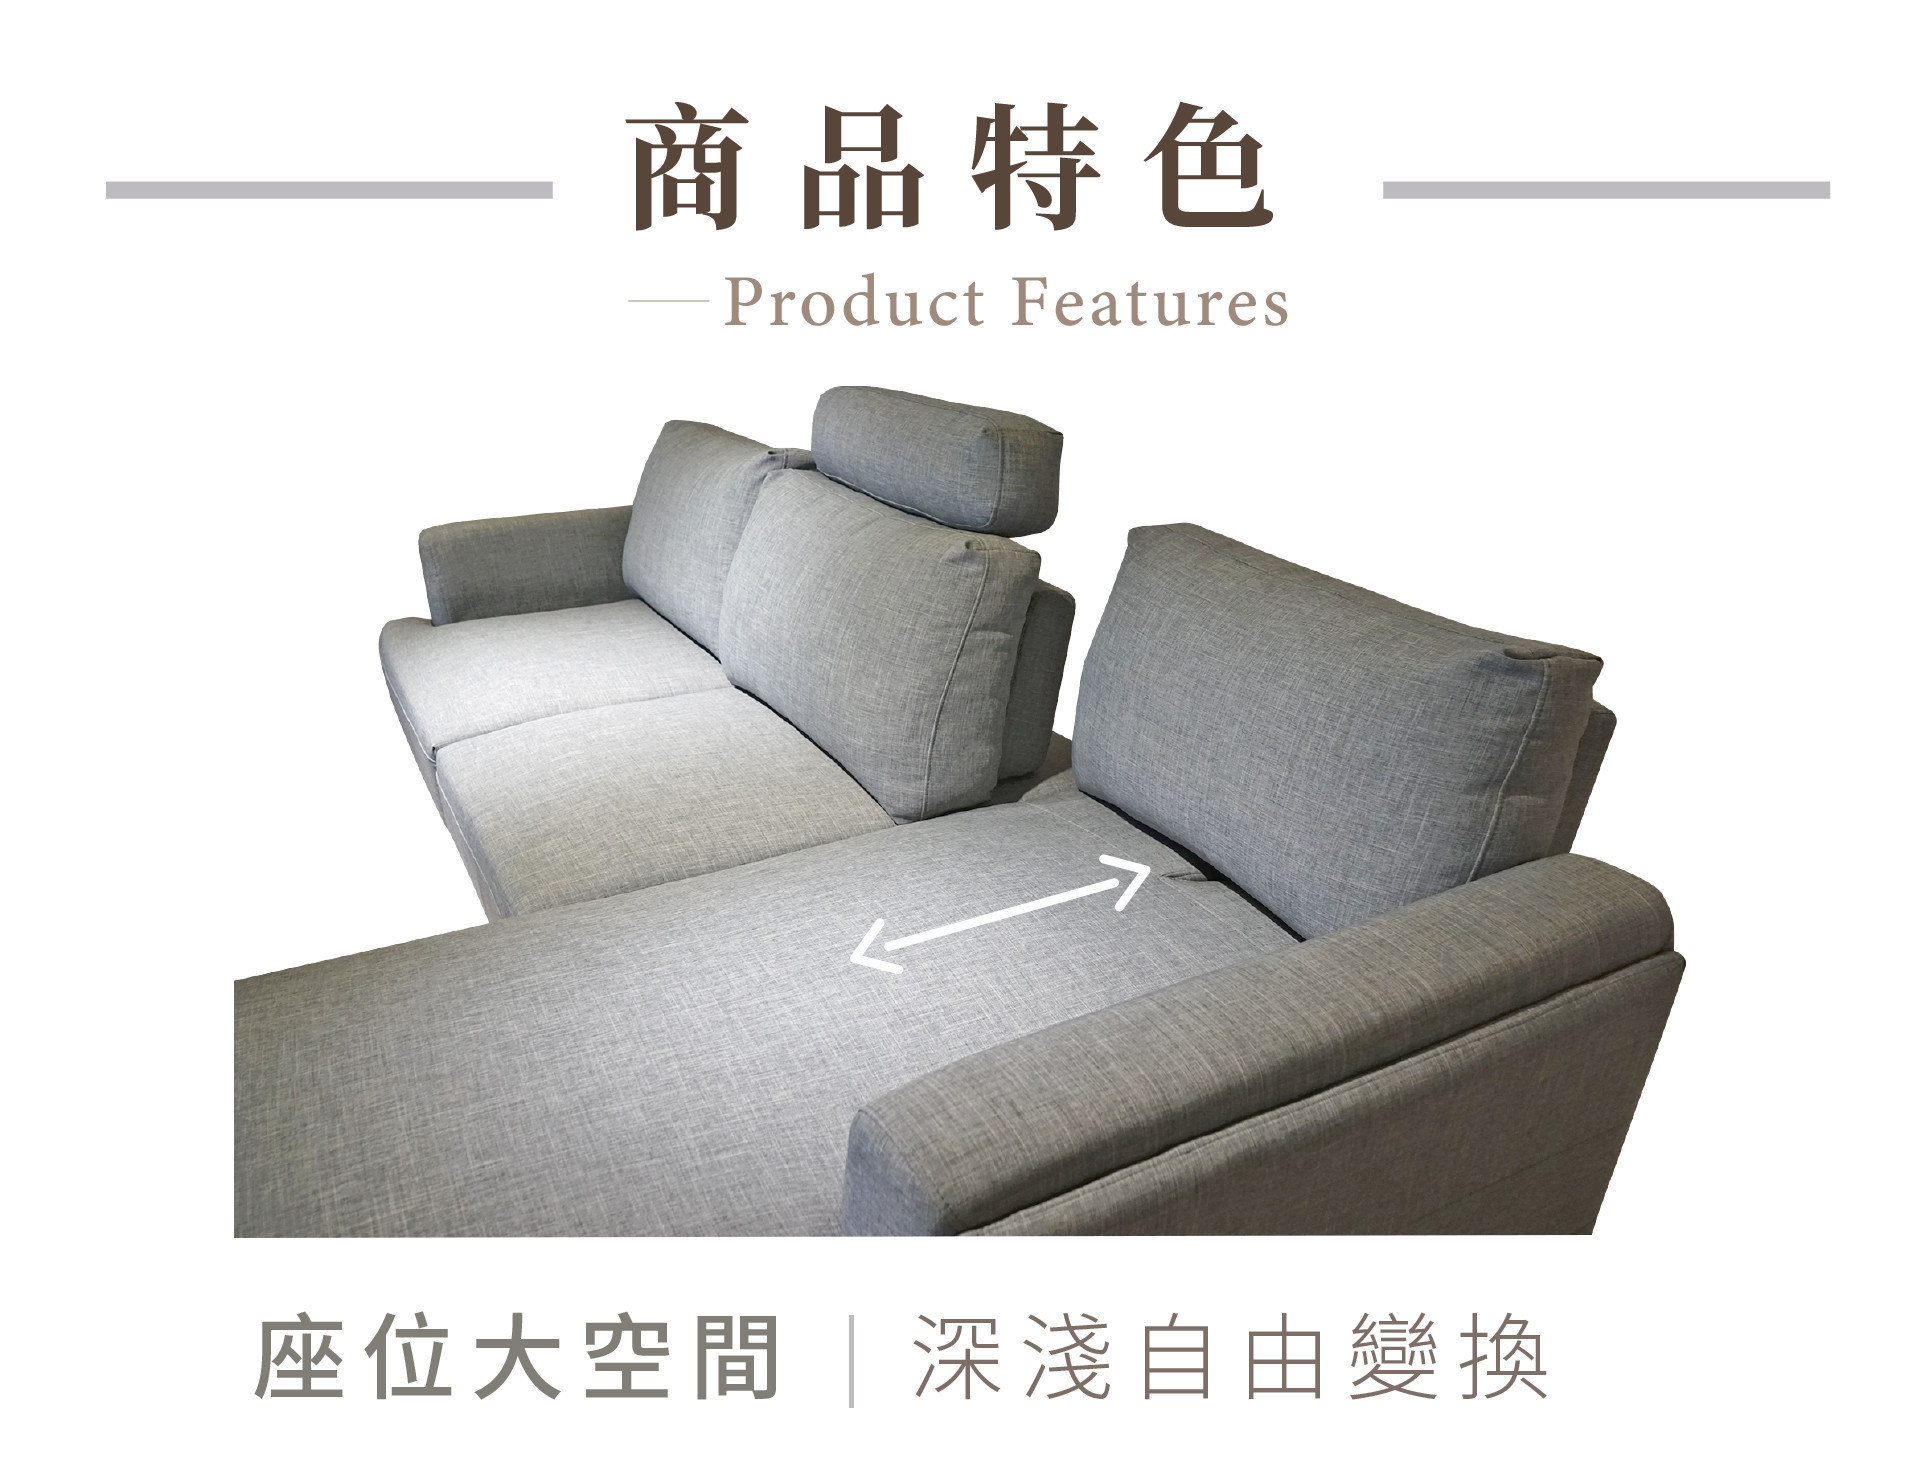 【丹尼爾沙發】最大特點即是背墊可延伸,往後輕輕一推,座位面積立刻加深,大幅提升舒適性及包覆性,你要的座位,一次到位。